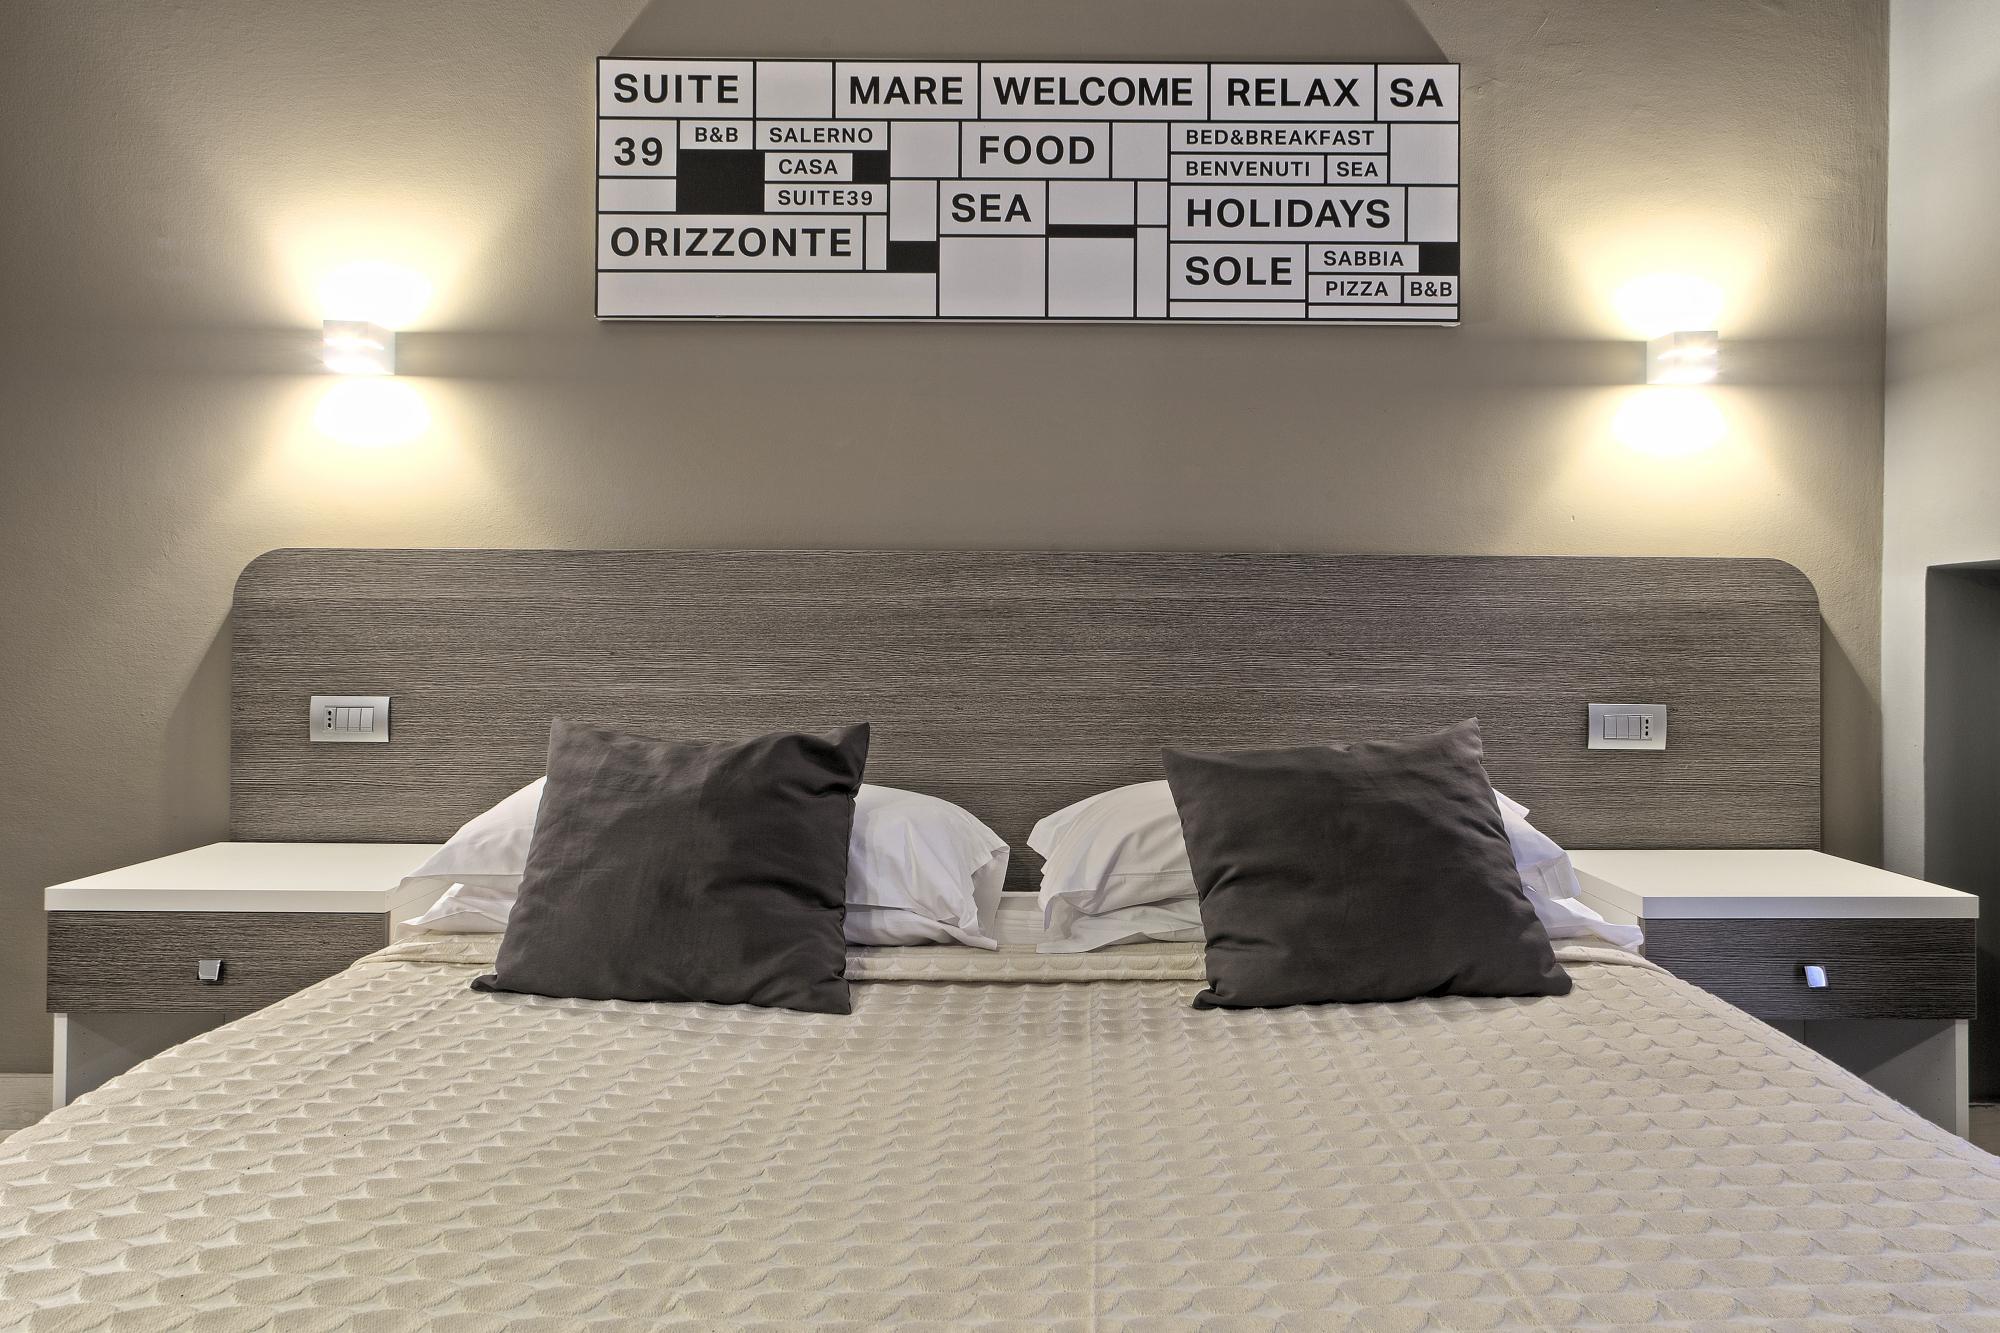 Suite 39